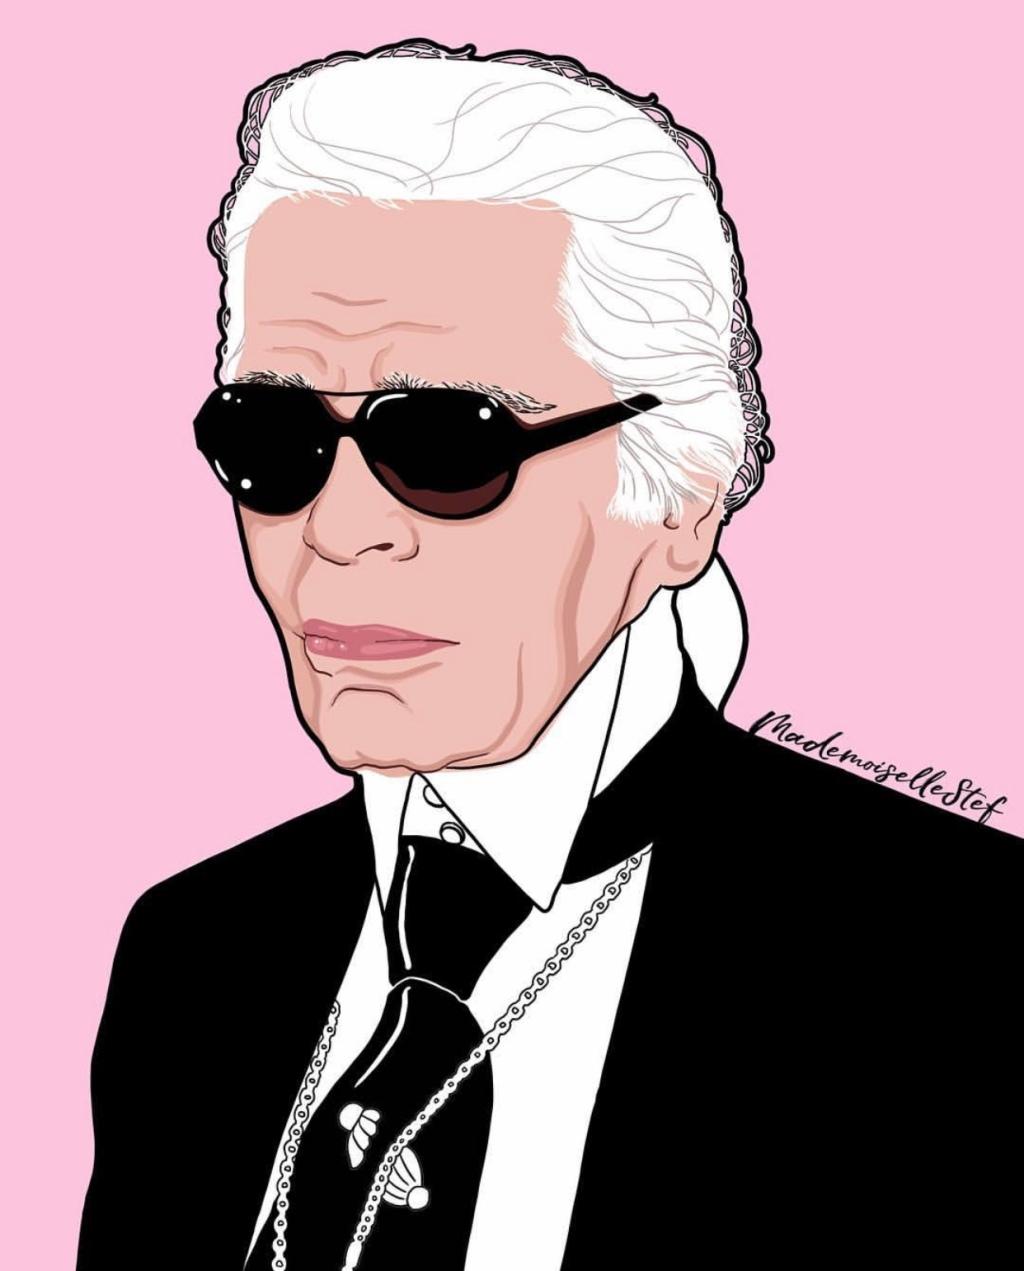 Karl Lagerfeld by mademoisellestef